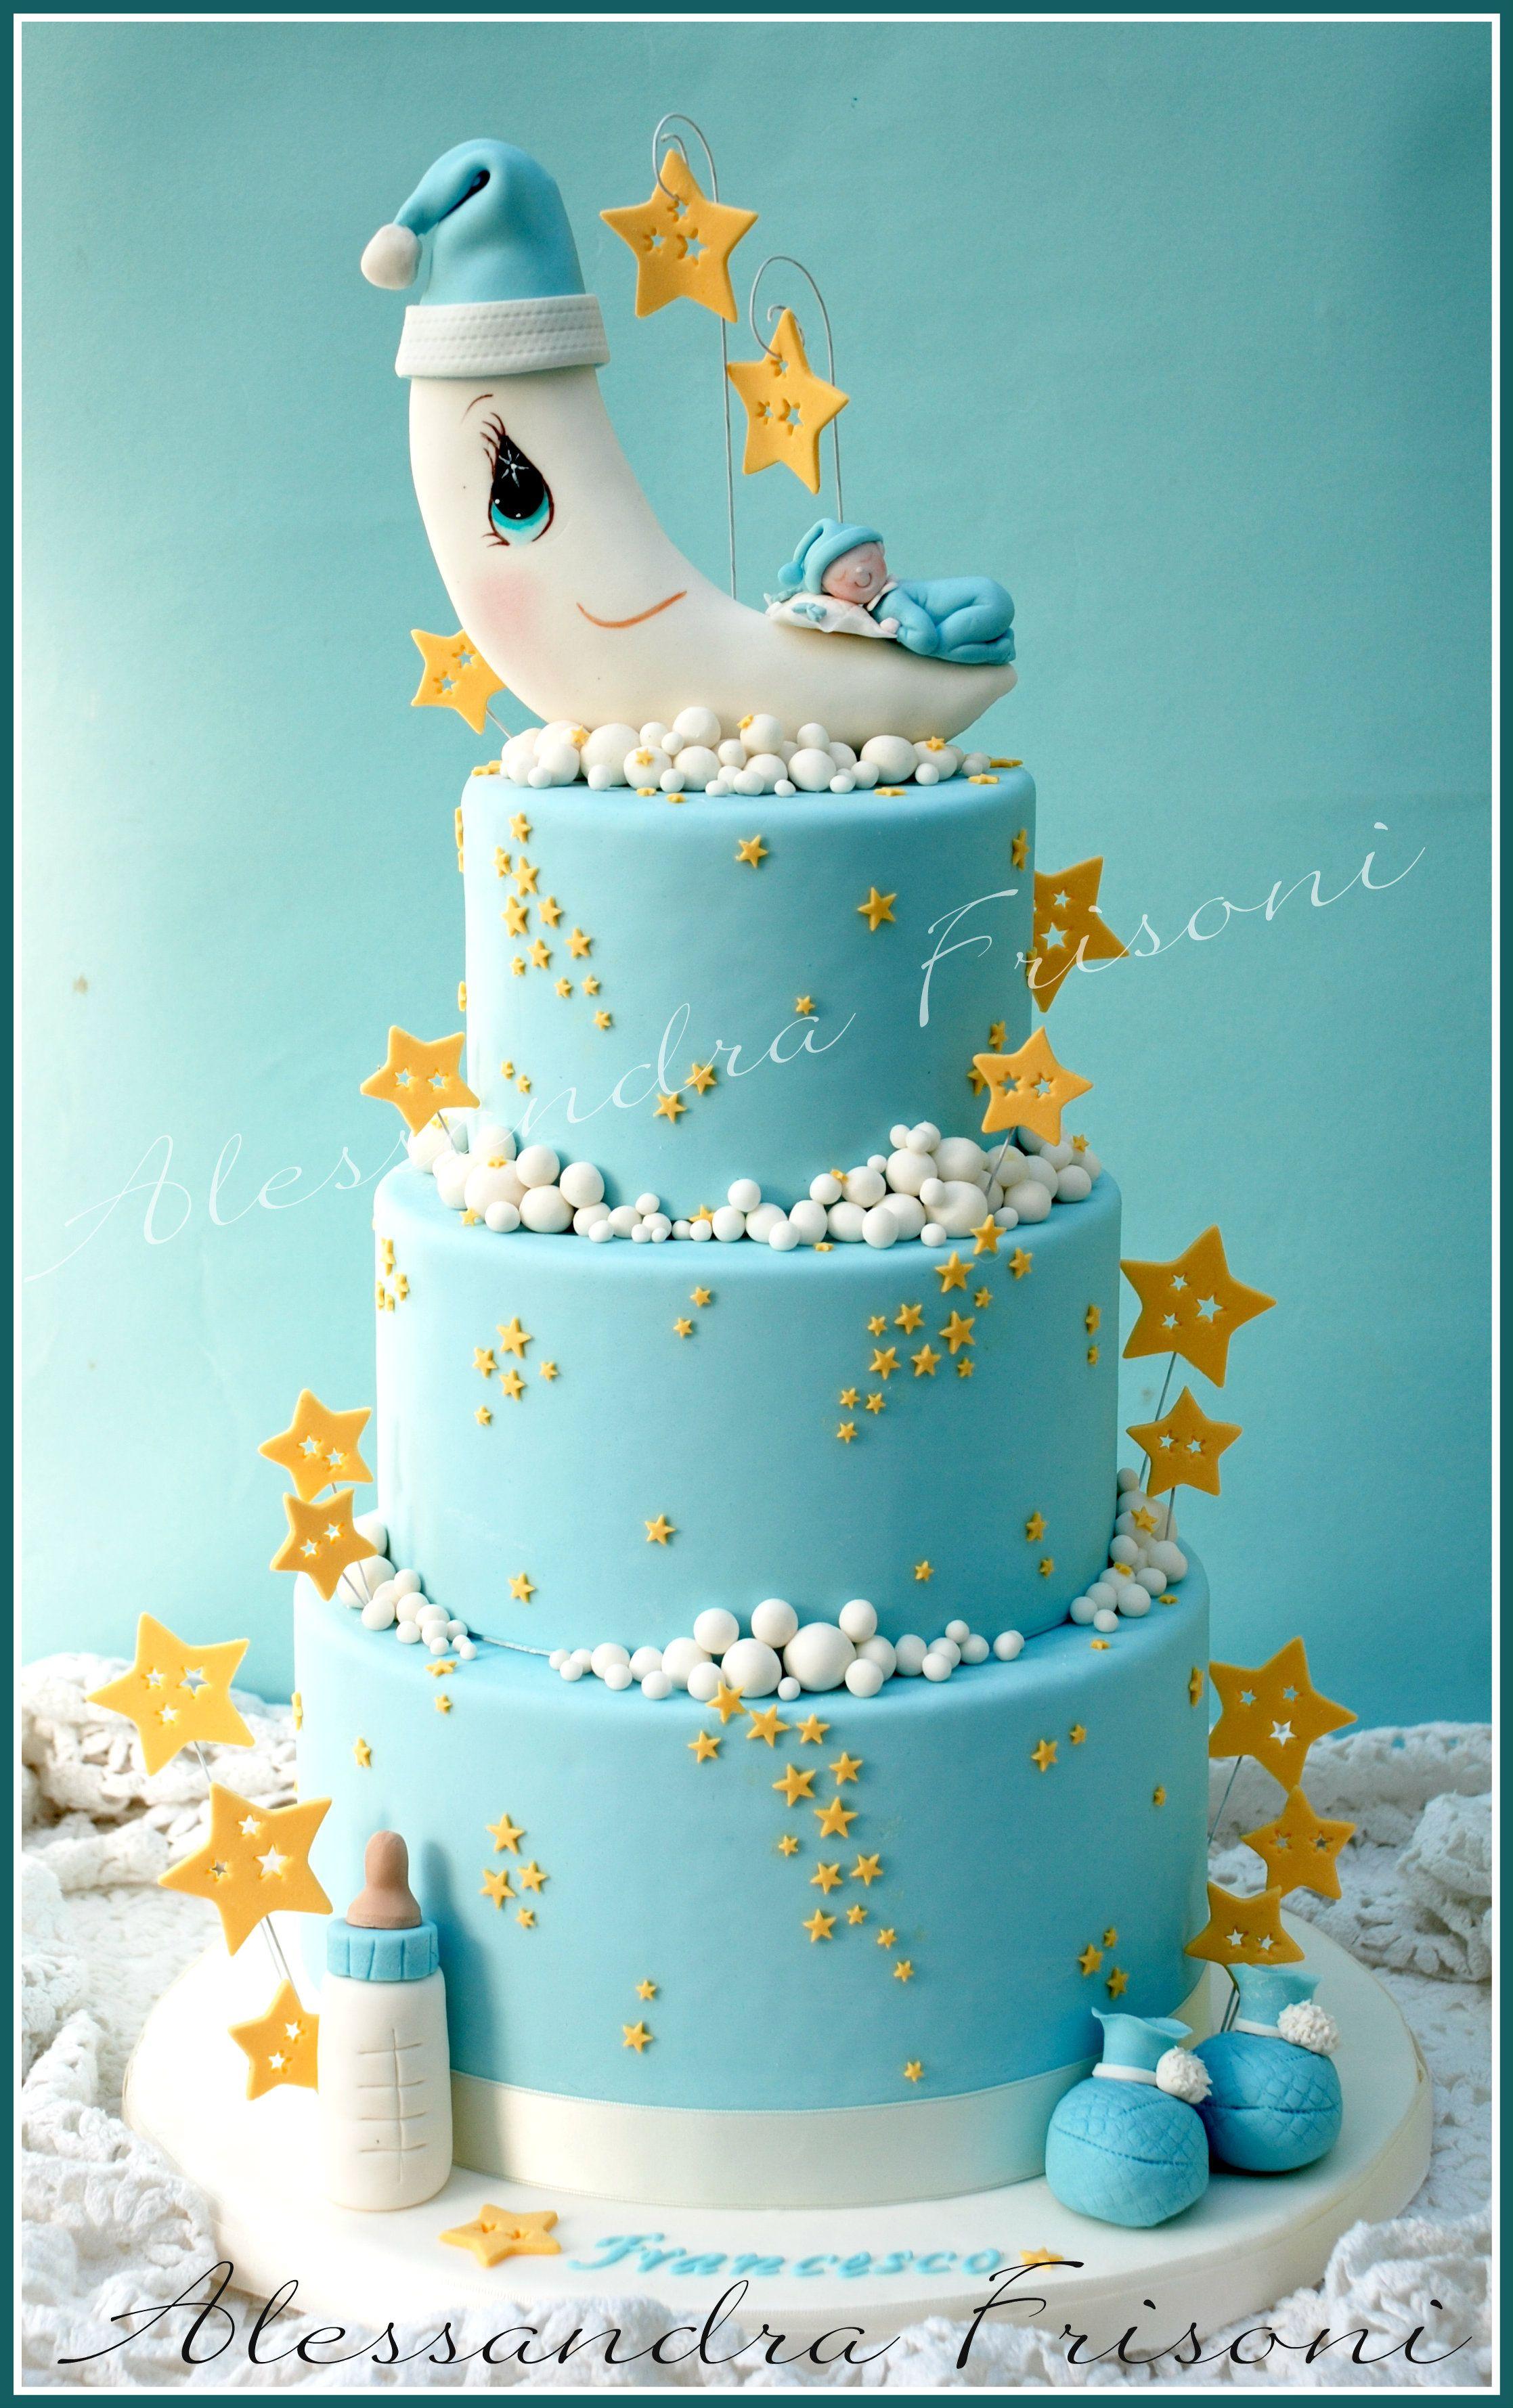 Baptism Cake Moon Frisoni Alessandra Studio Cake Baby Boy Cakeskid